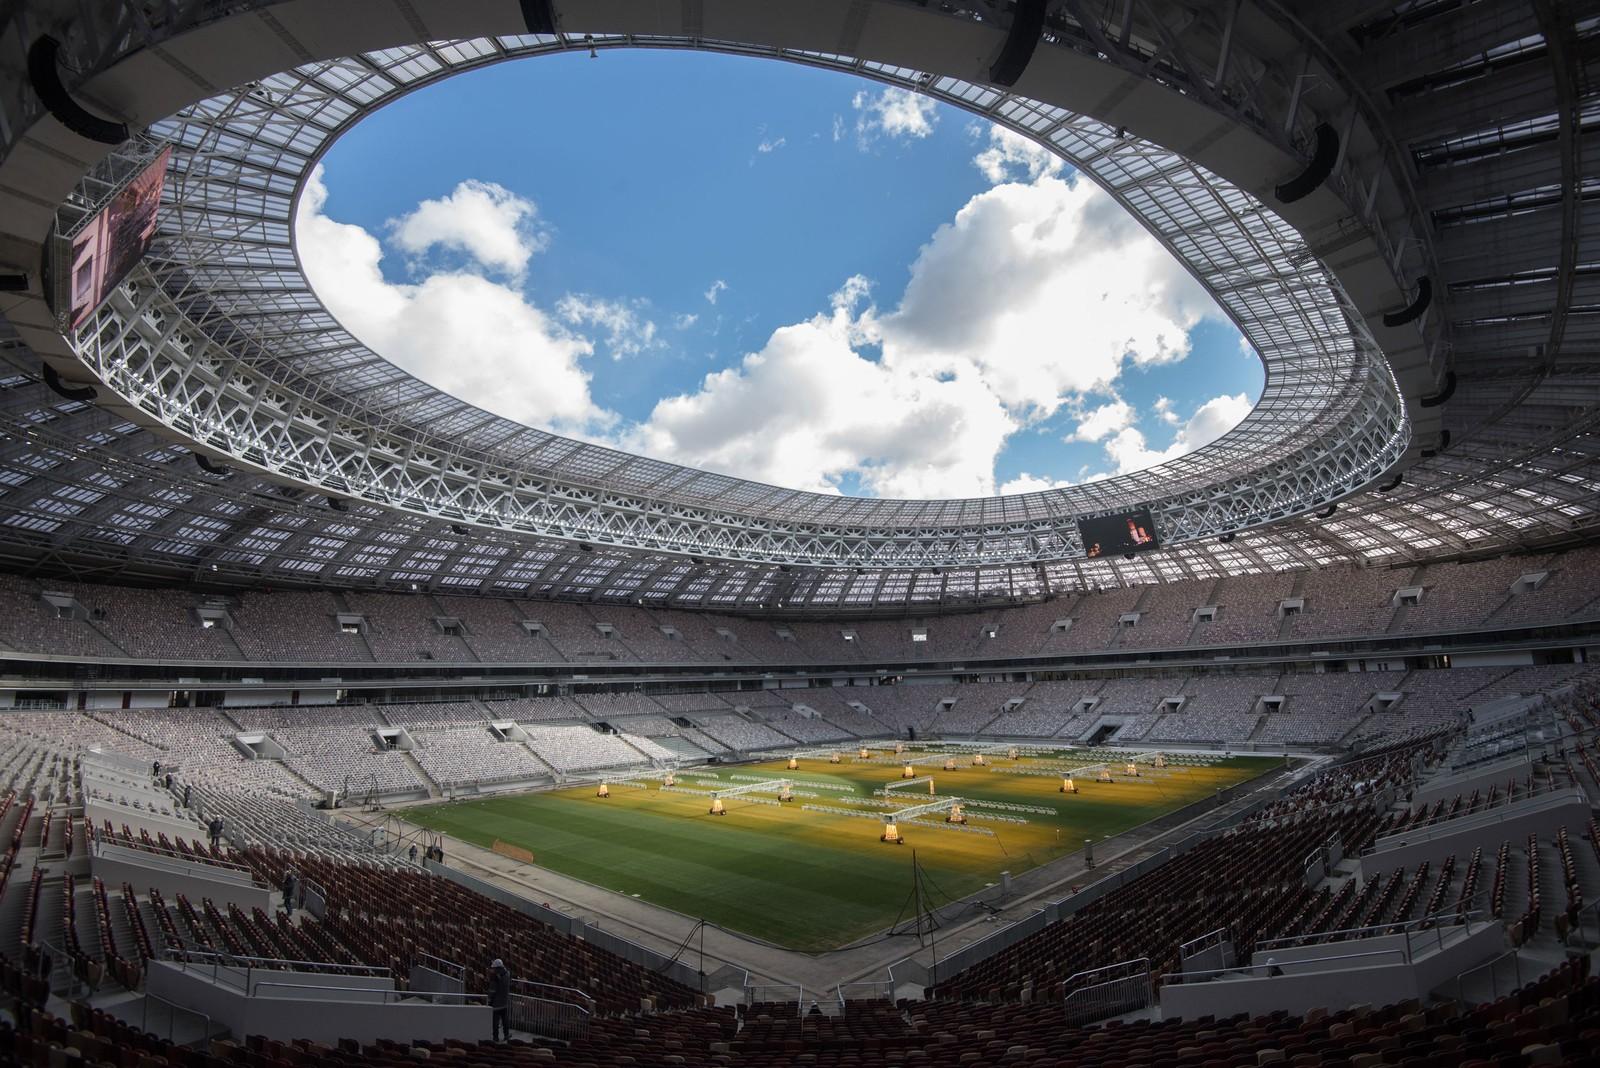 Copa do Mundo de 2018 na Rússia  perguntas e respostas - Jornal O+ ... cb9049ce8f1fd